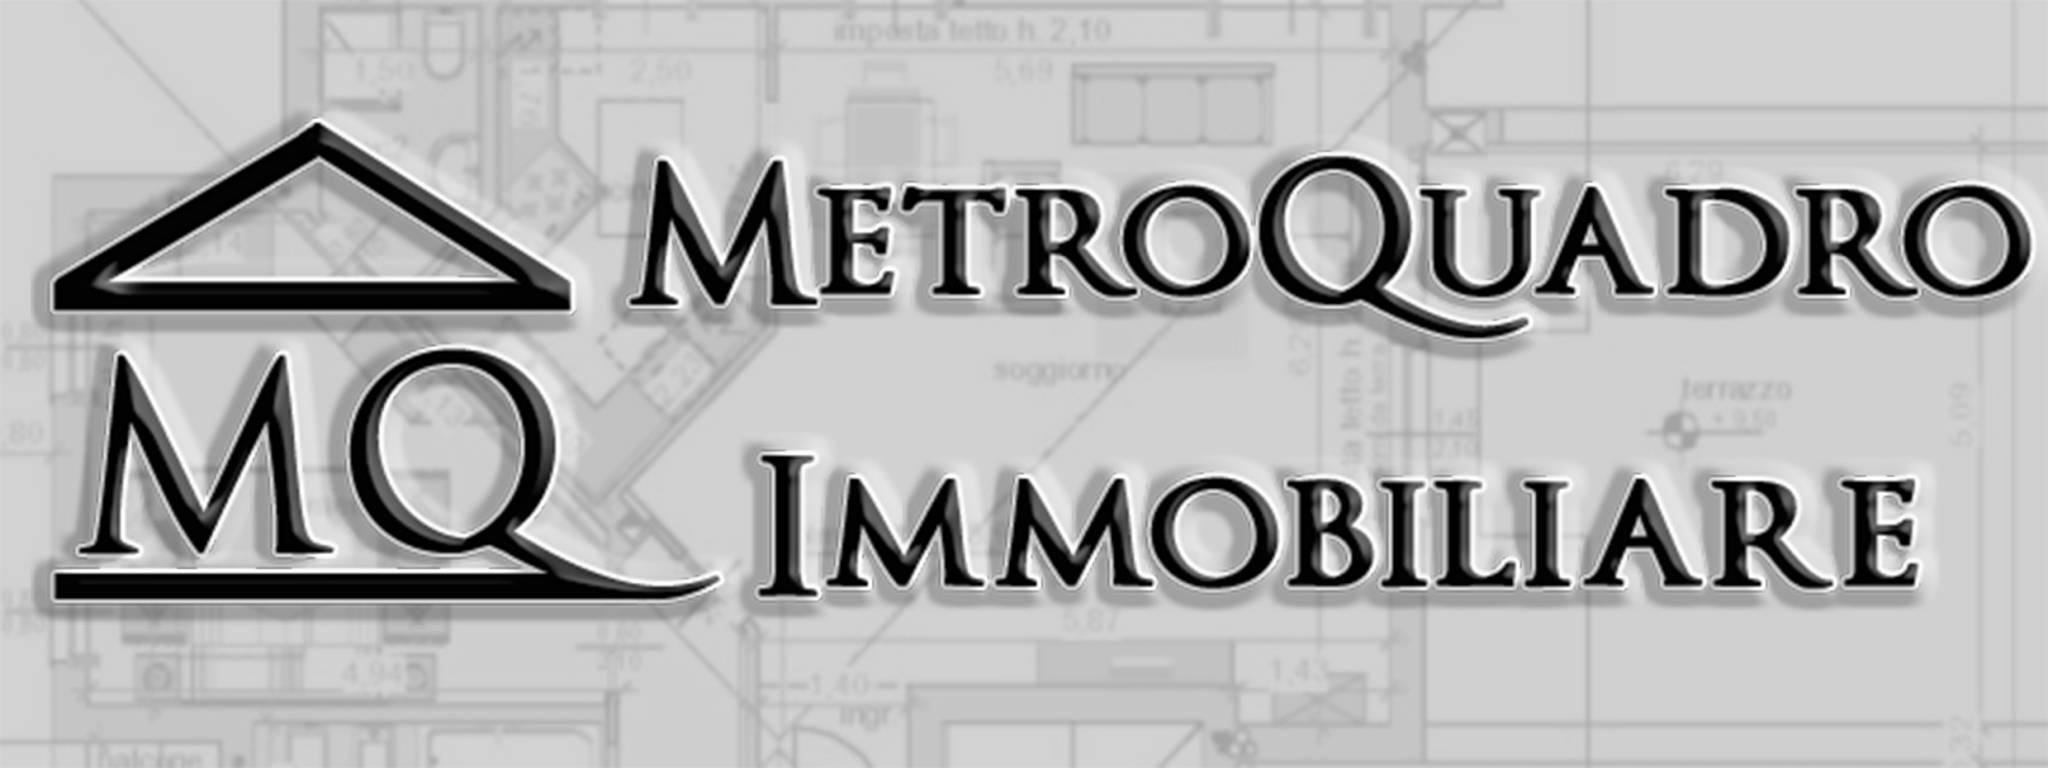 Metroquadro immobiliare di ionata davide